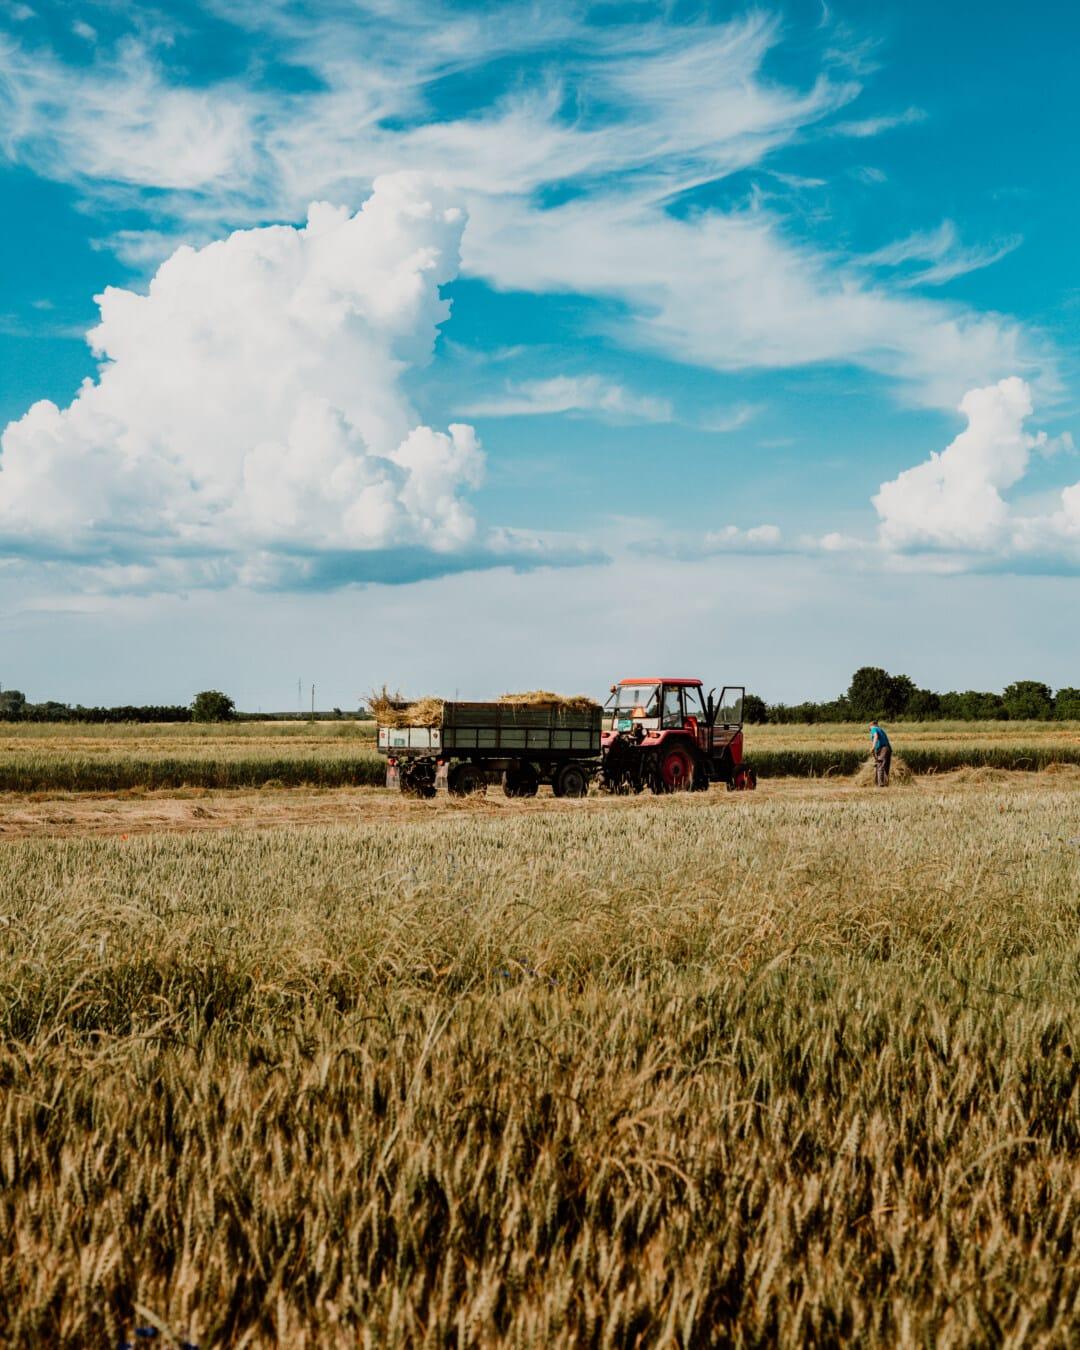 homme, travail, tracteur, Agriculture, travail sur le terrain, Hay, champ de foin, blé, ferme, paille